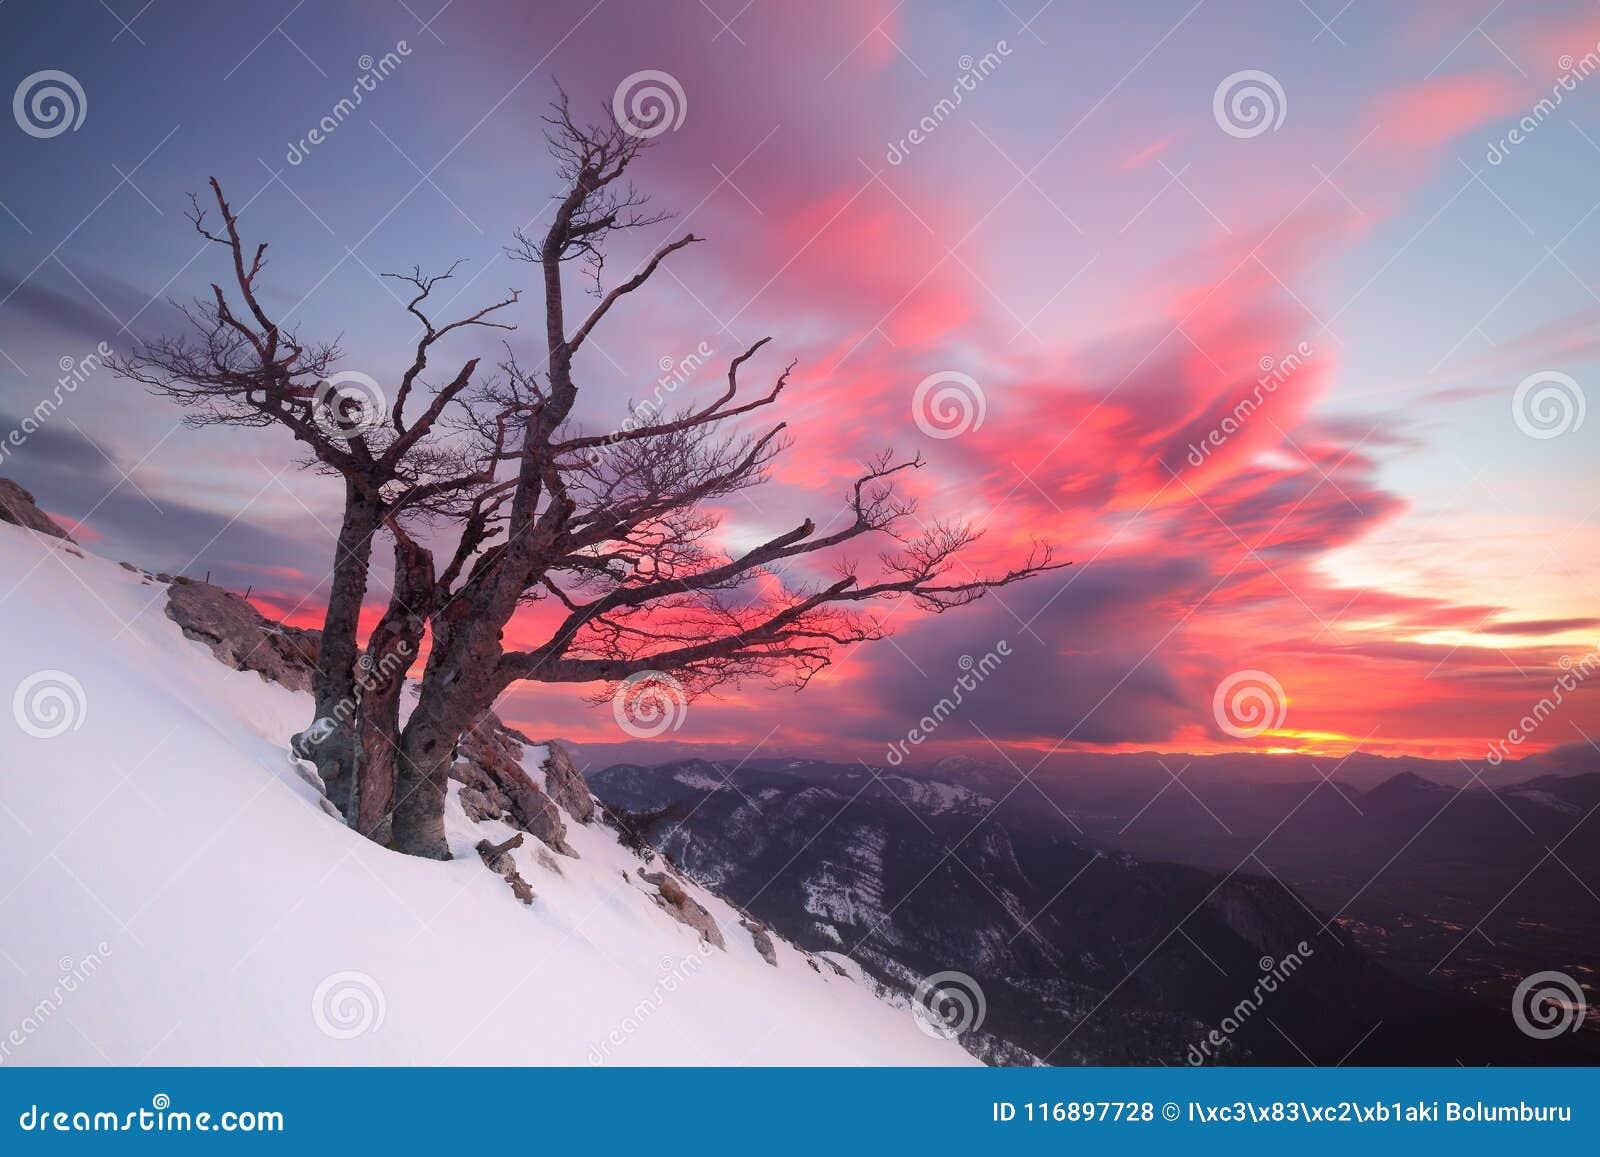 Salida del sol hermosa sobre un árbol solitario en la nieve